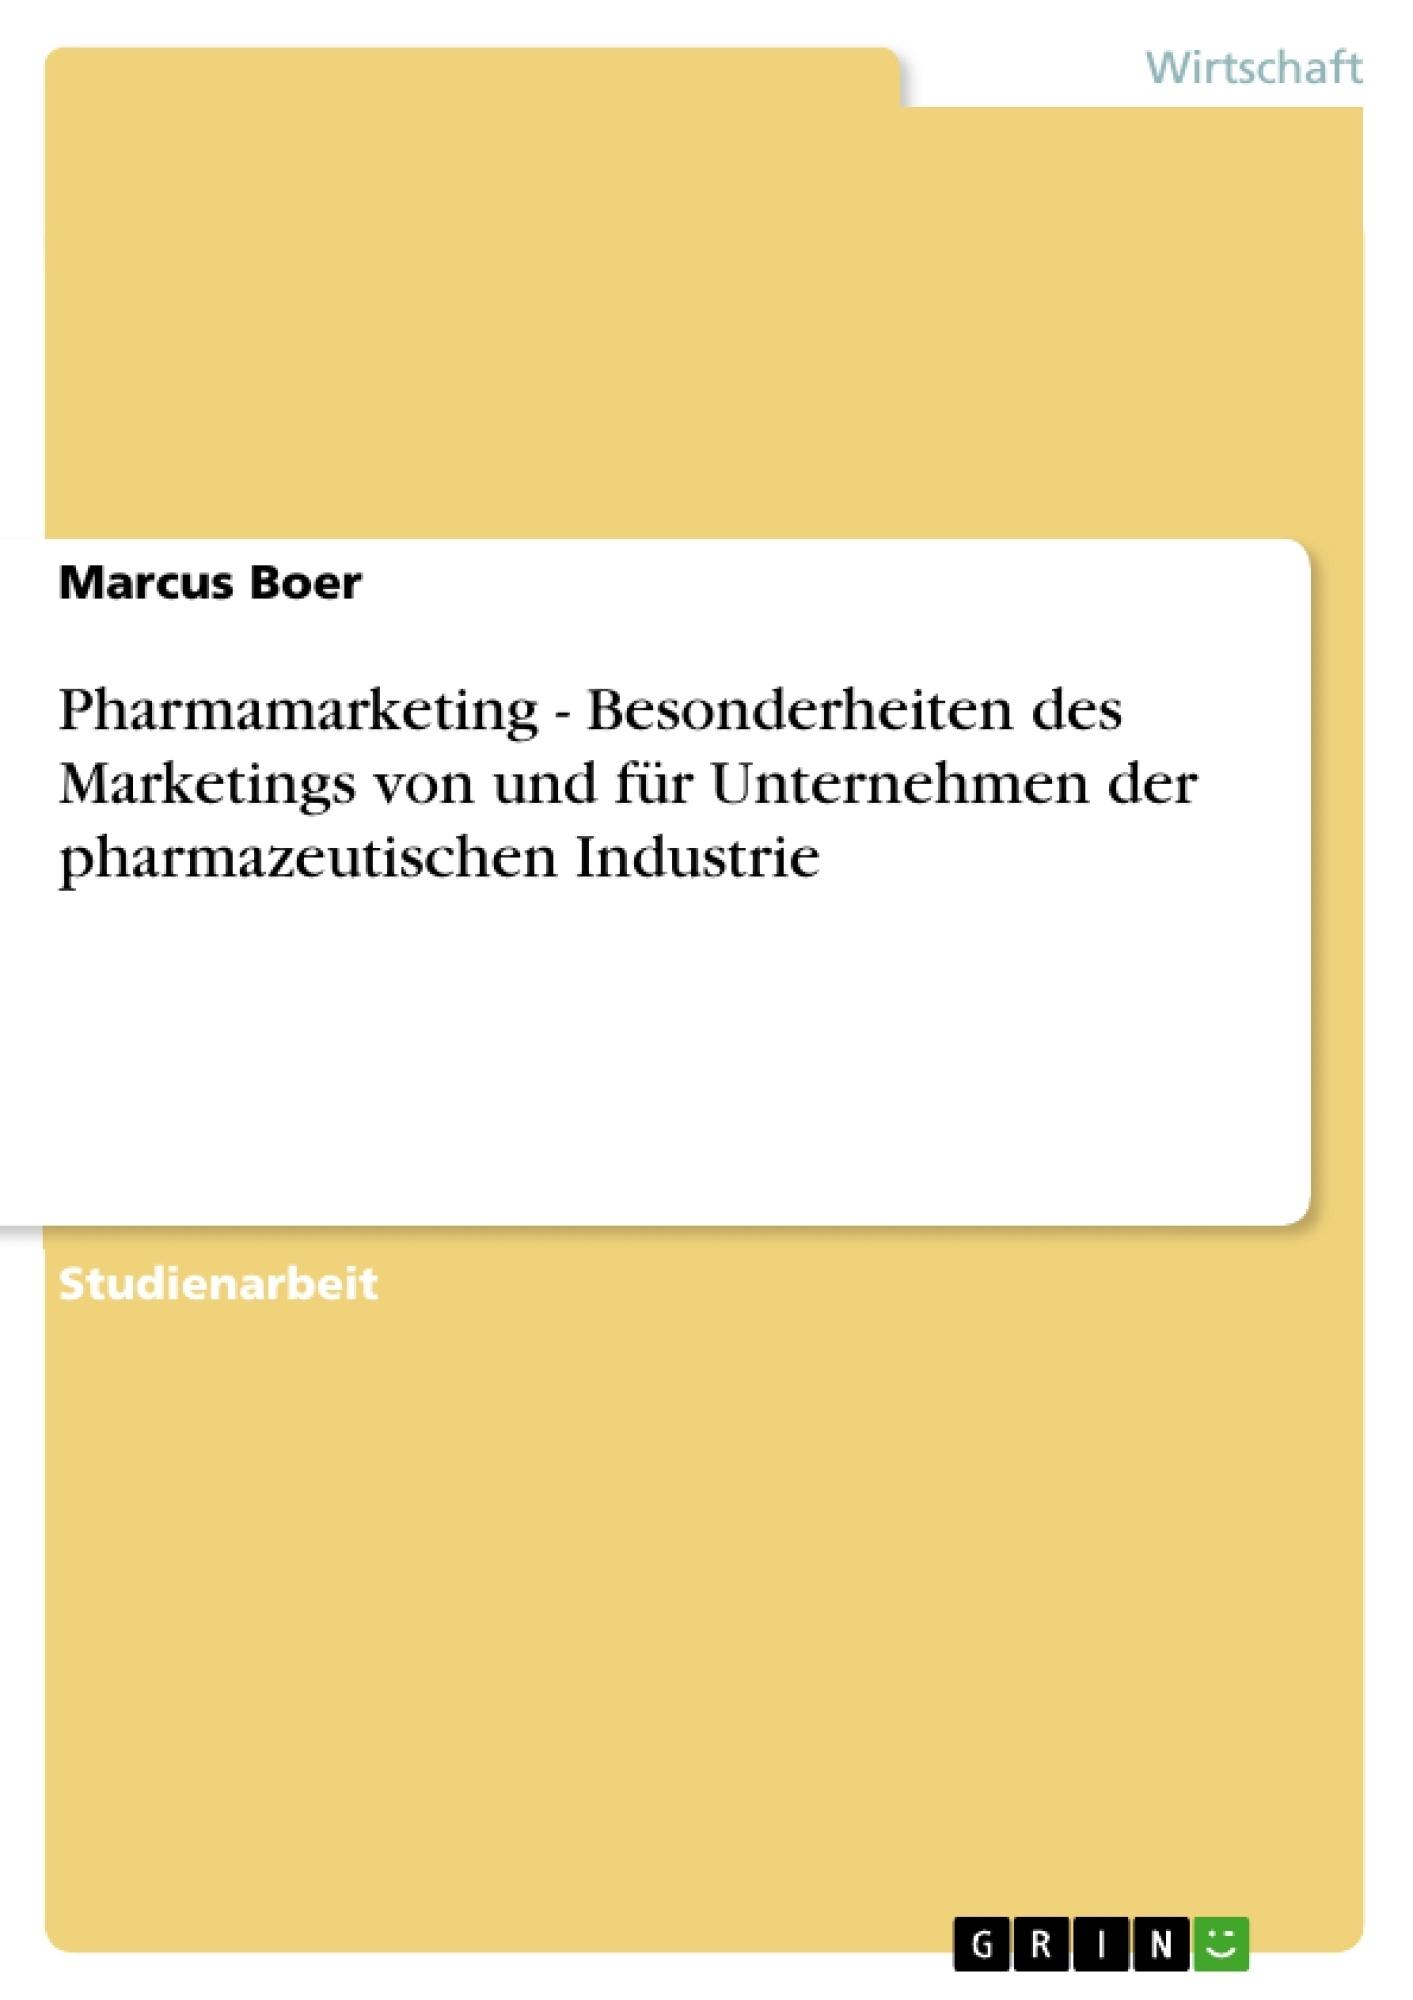 Titel: Pharmamarketing - Besonderheiten des Marketings von und für Unternehmen der pharmazeutischen Industrie